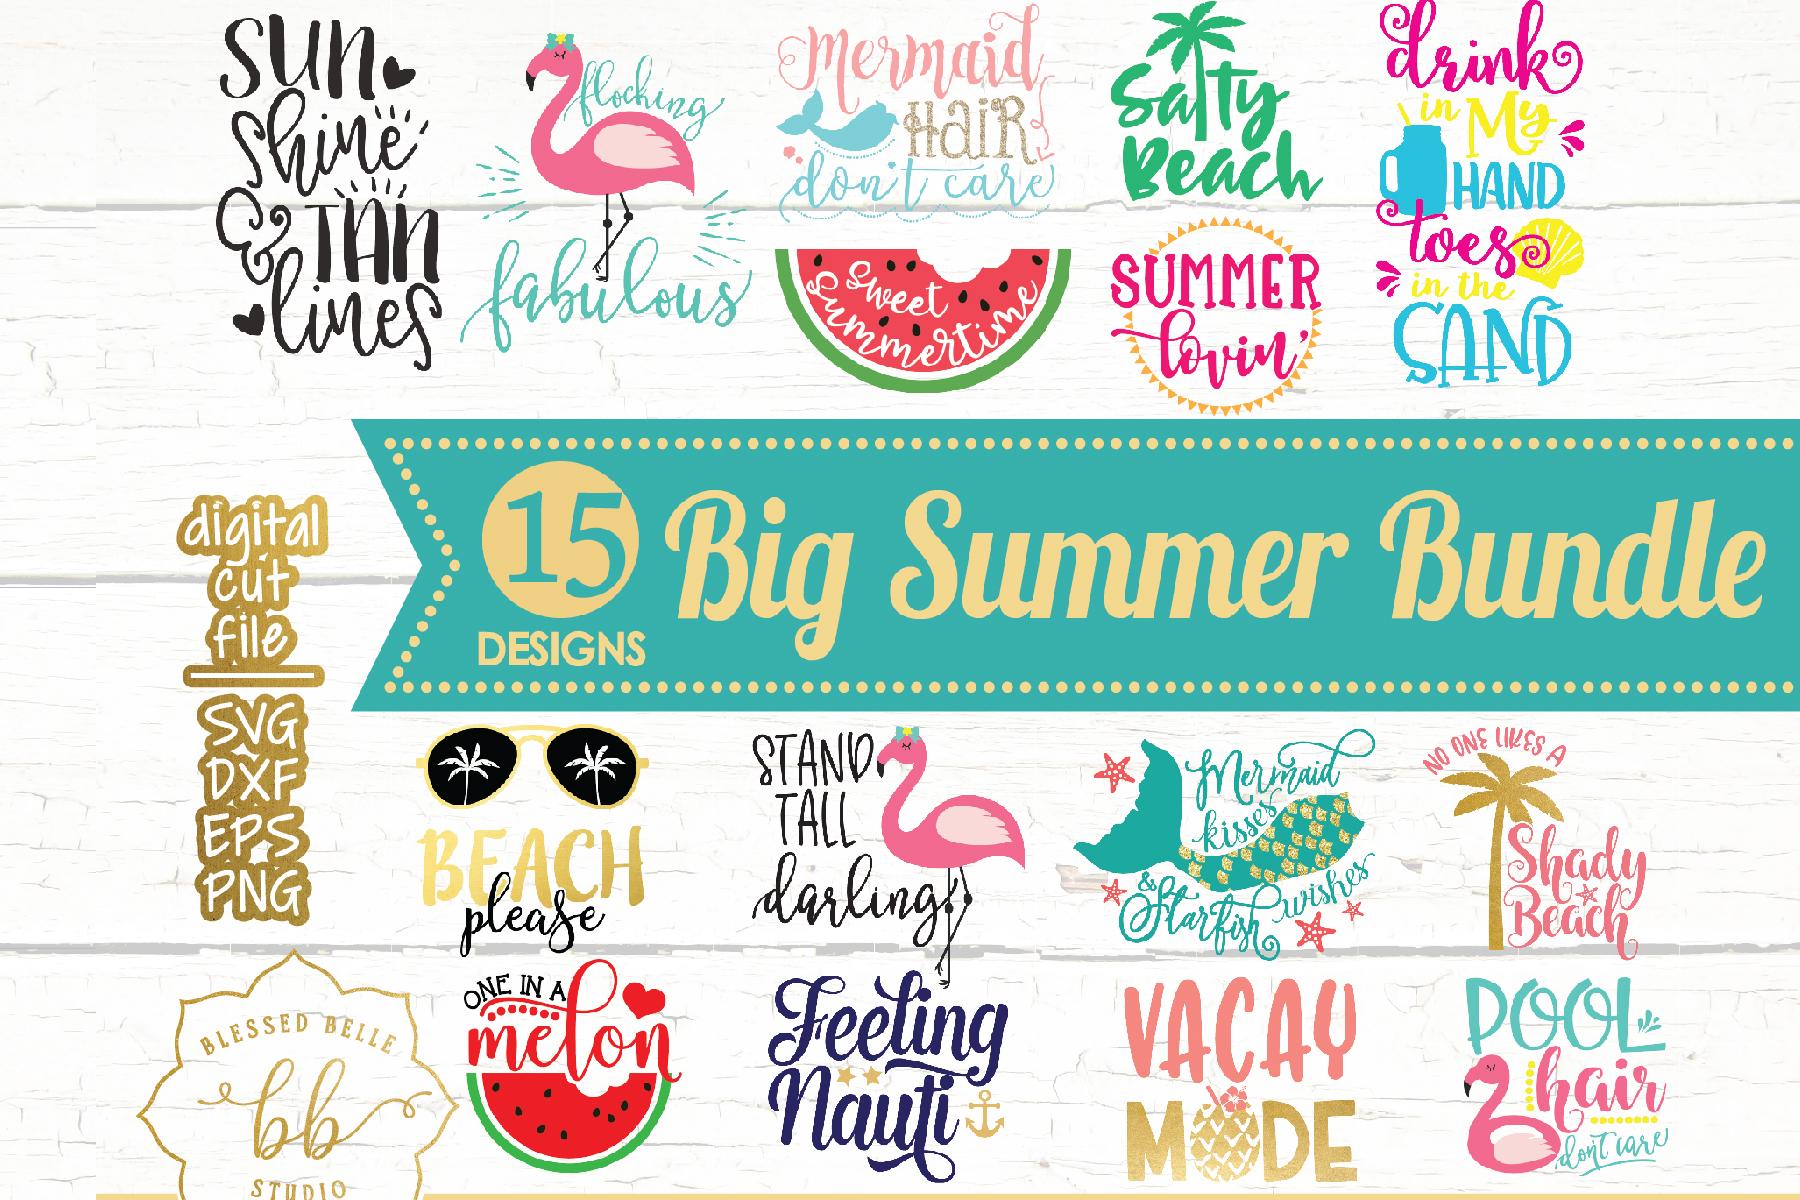 Summer SVG / Summer Bundle SVG / SVG DXF EPS PNG example image 1